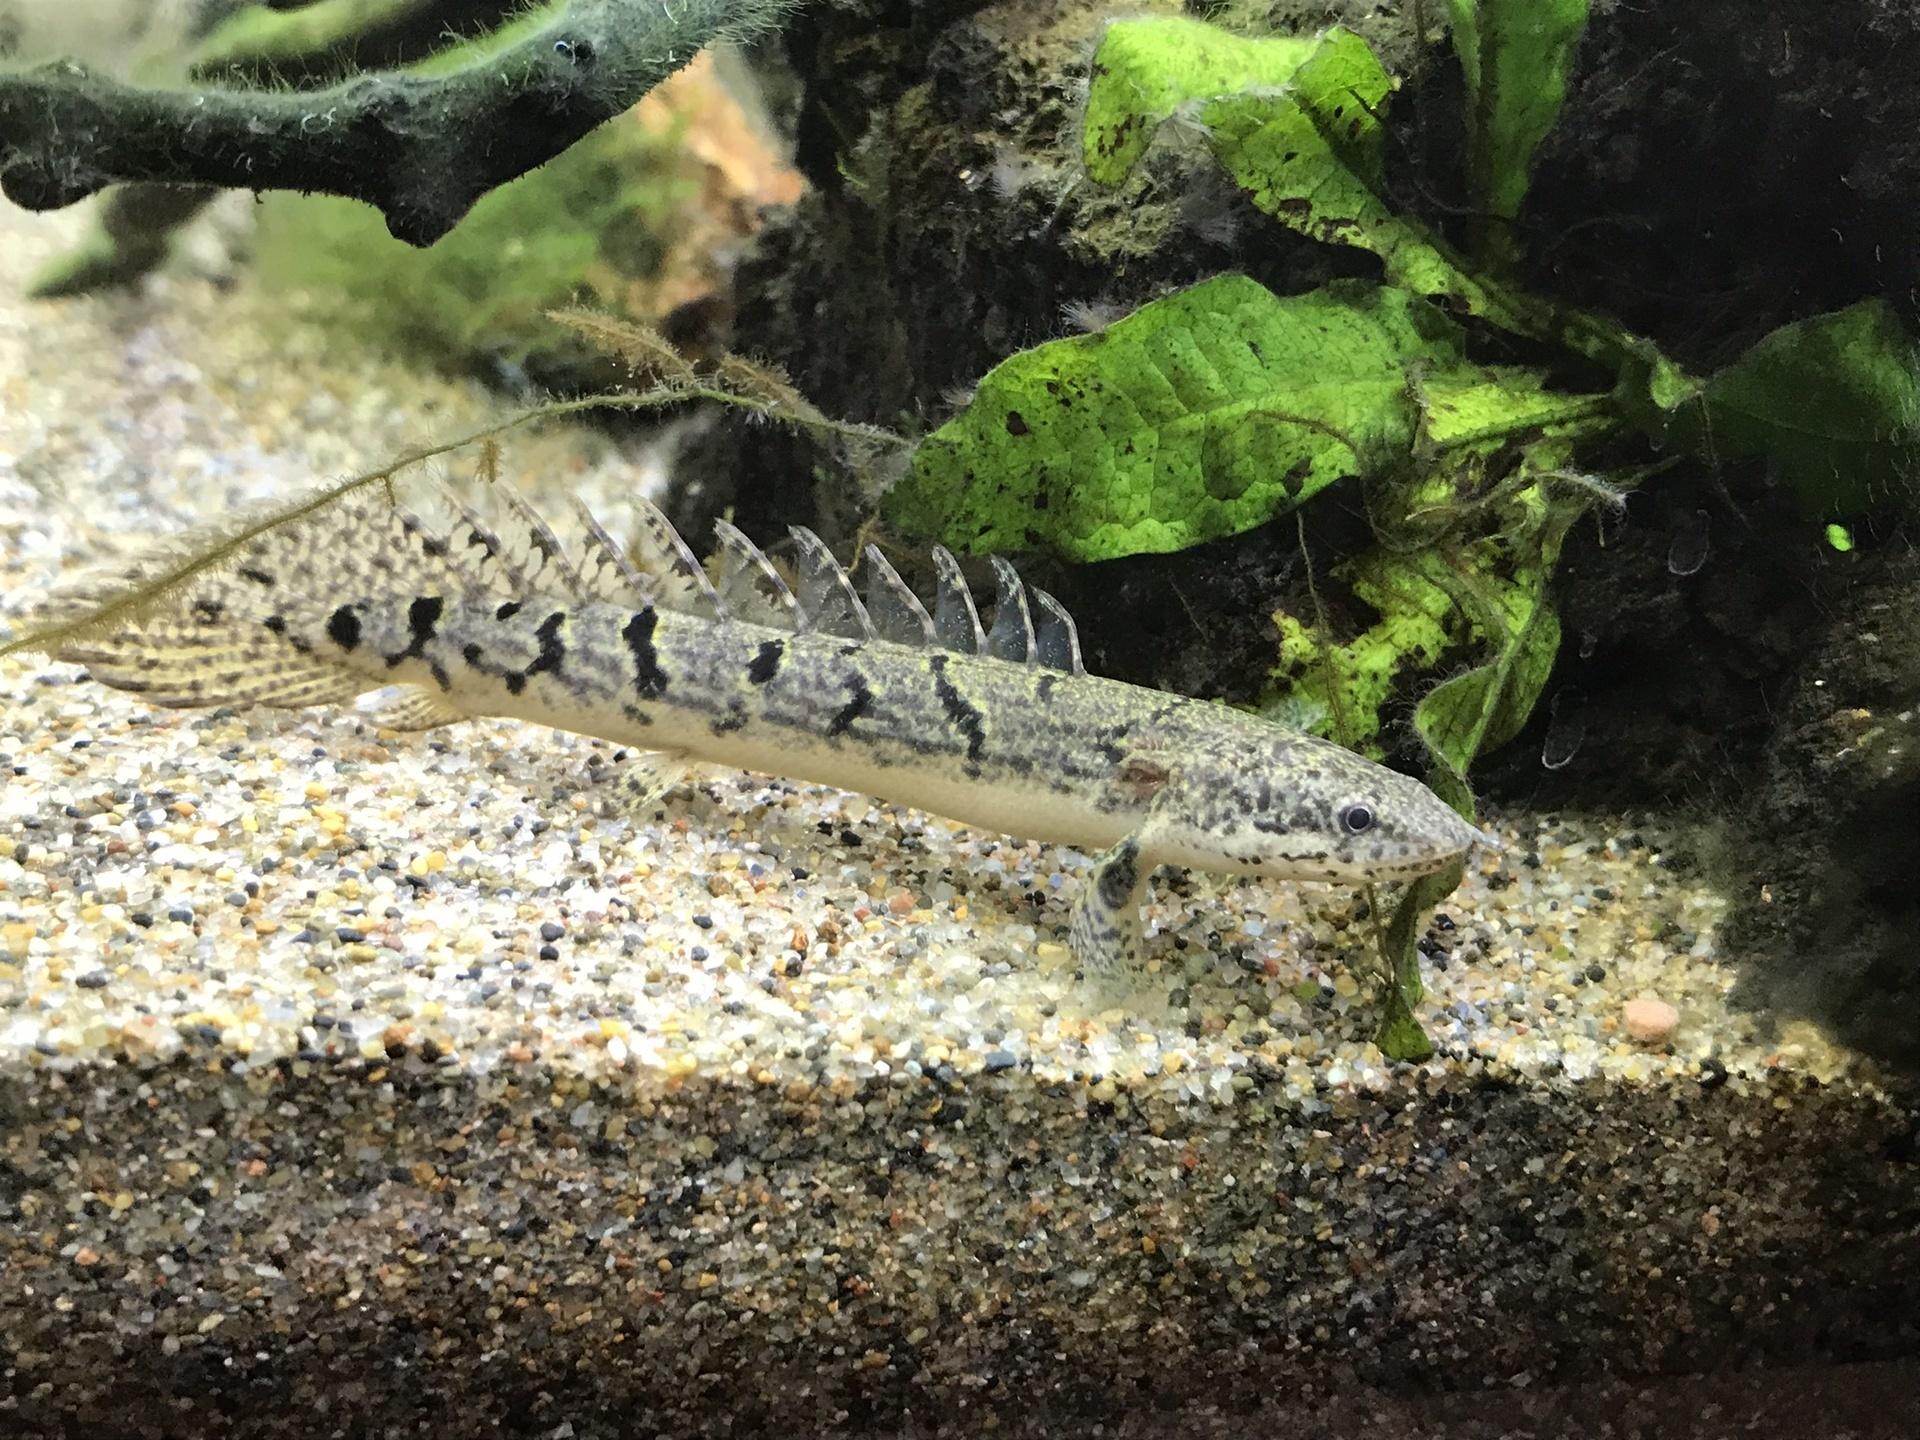 餌 ポリプテルス ポリプテルスラプラディの飼育法(大きさ・成長速度・水槽・餌など)